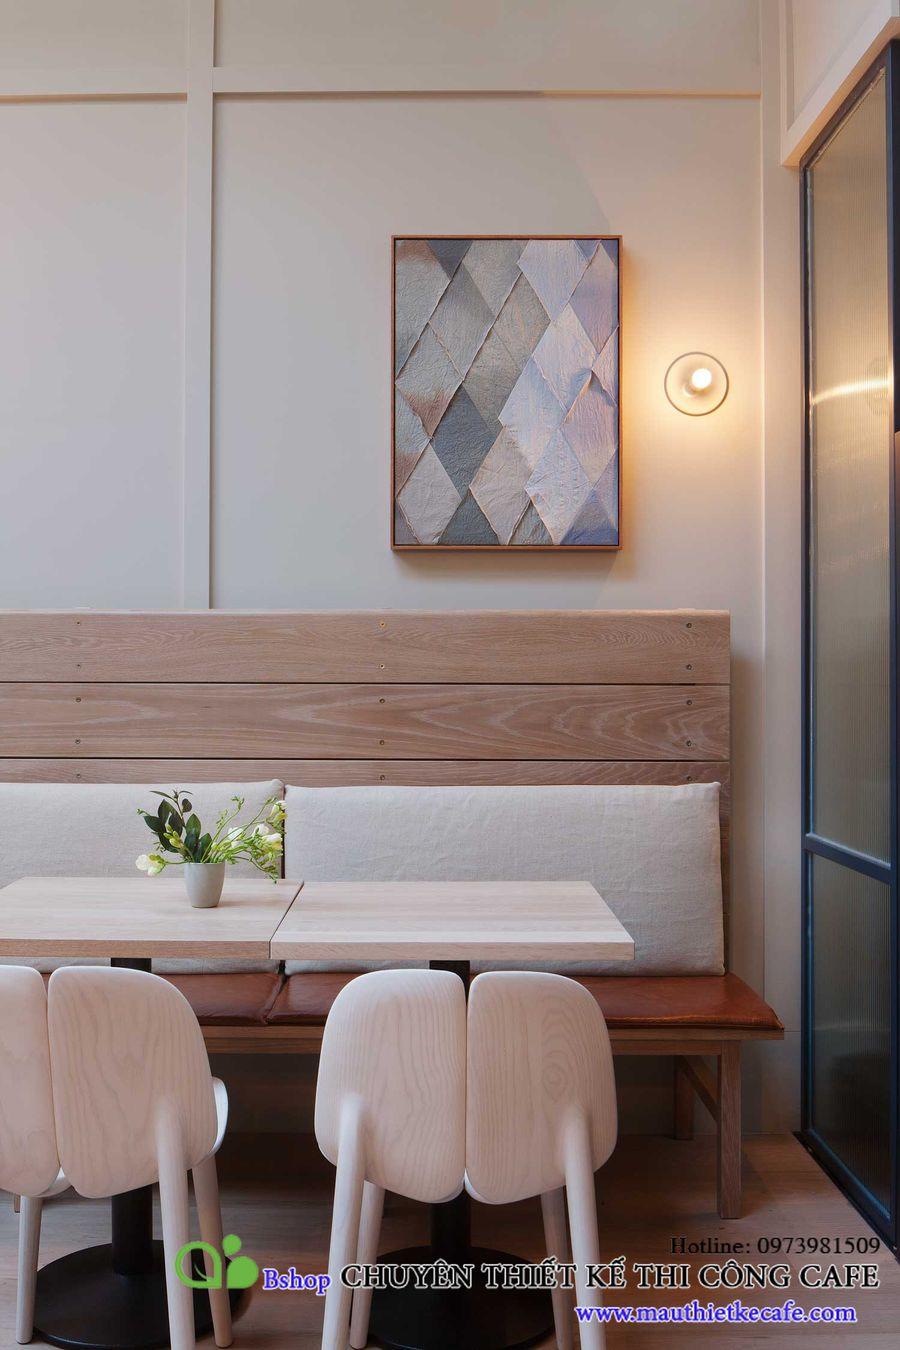 cafe bar danh cho teen (1)mauthietkecafe.com